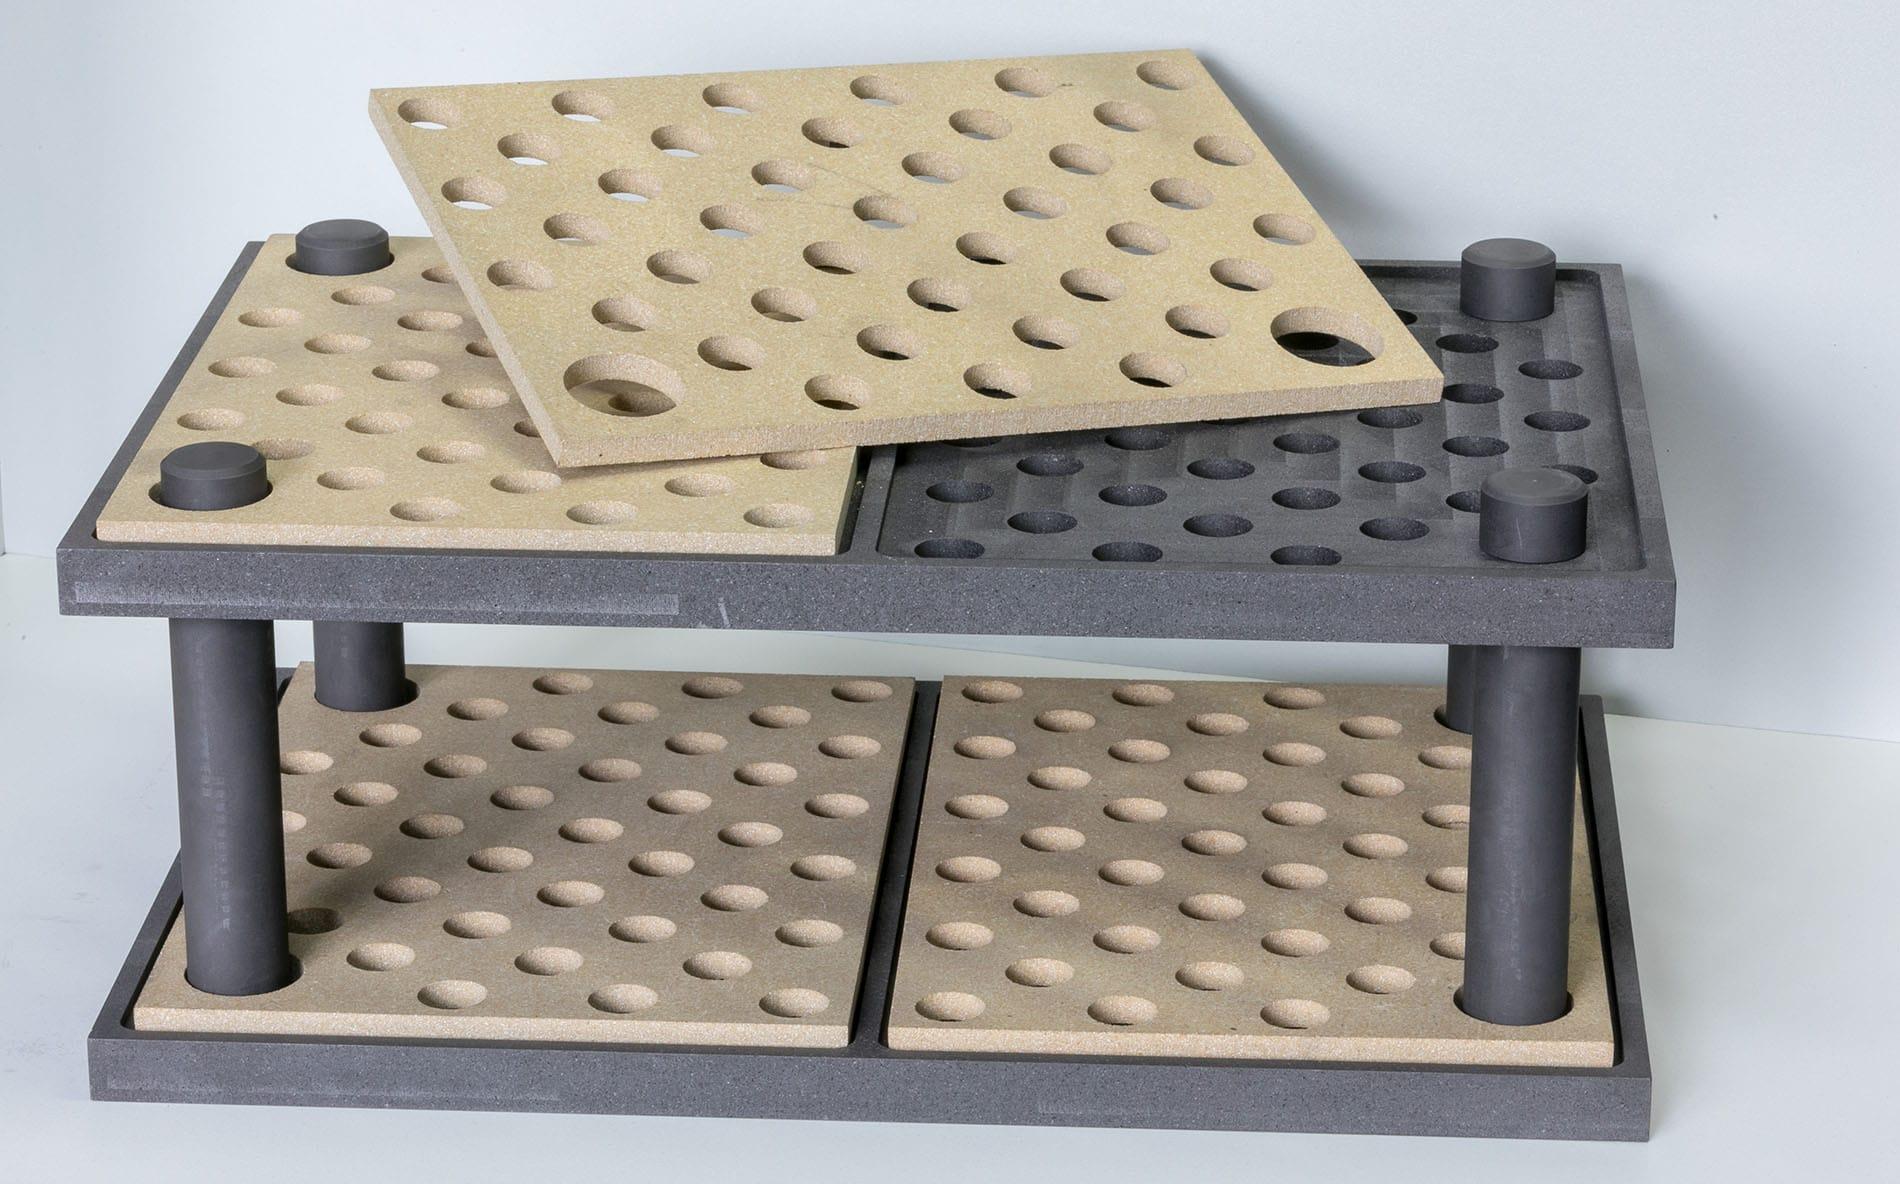 Carbonline Presse zwei Lagen Sieb Chargiertechnik